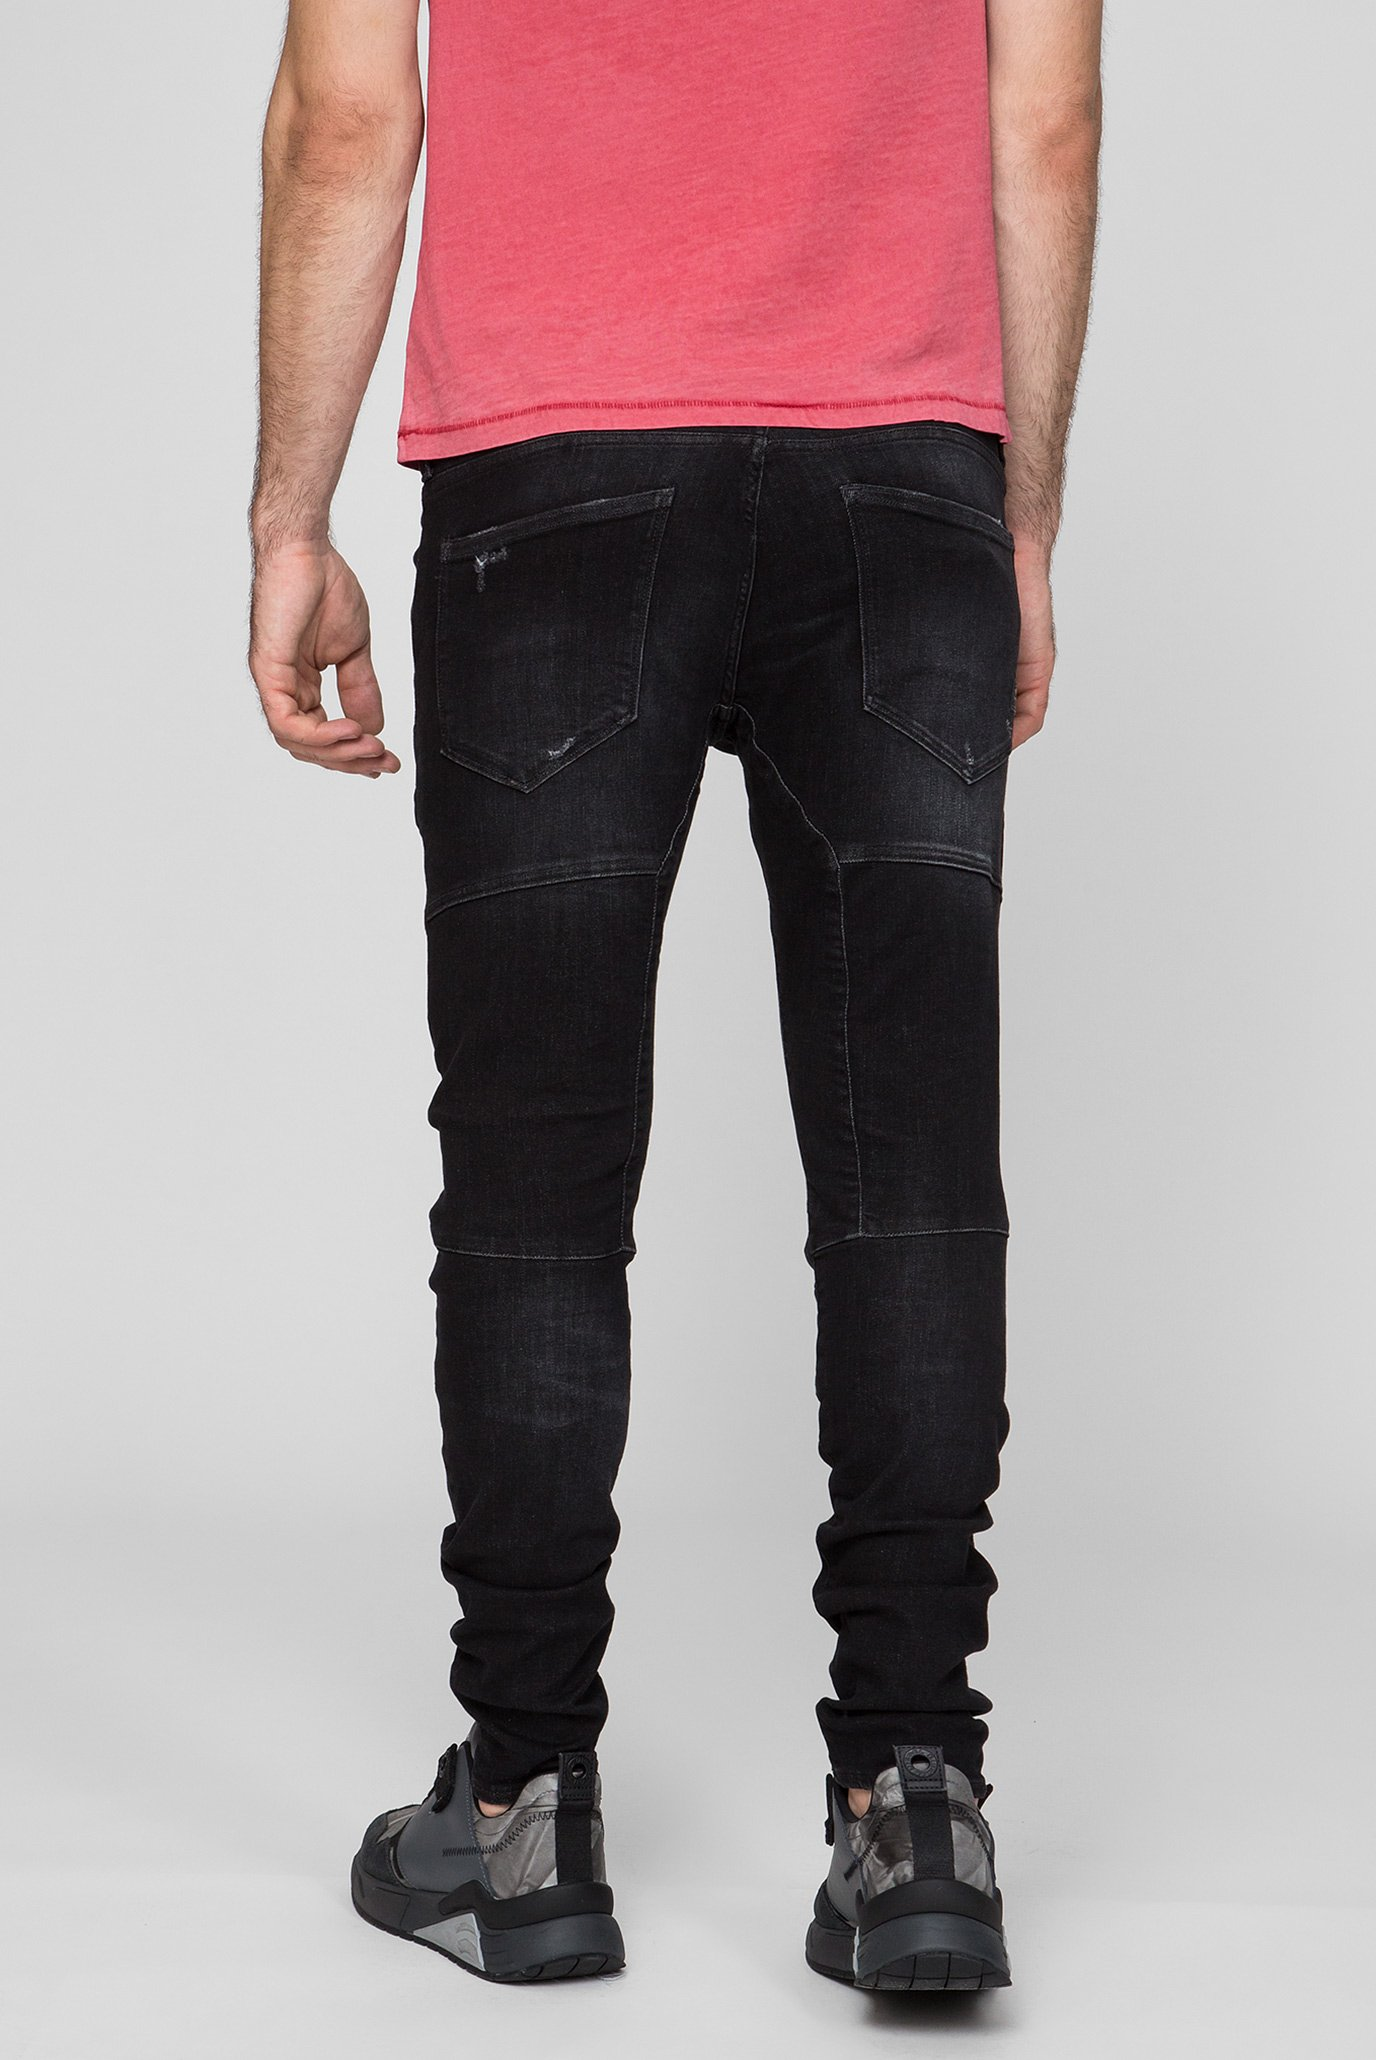 Купить Мужские черные джинсы Rackam 3D Skinny G-Star RAW G-Star RAW D06763,A634 – Киев, Украина. Цены в интернет магазине MD Fashion